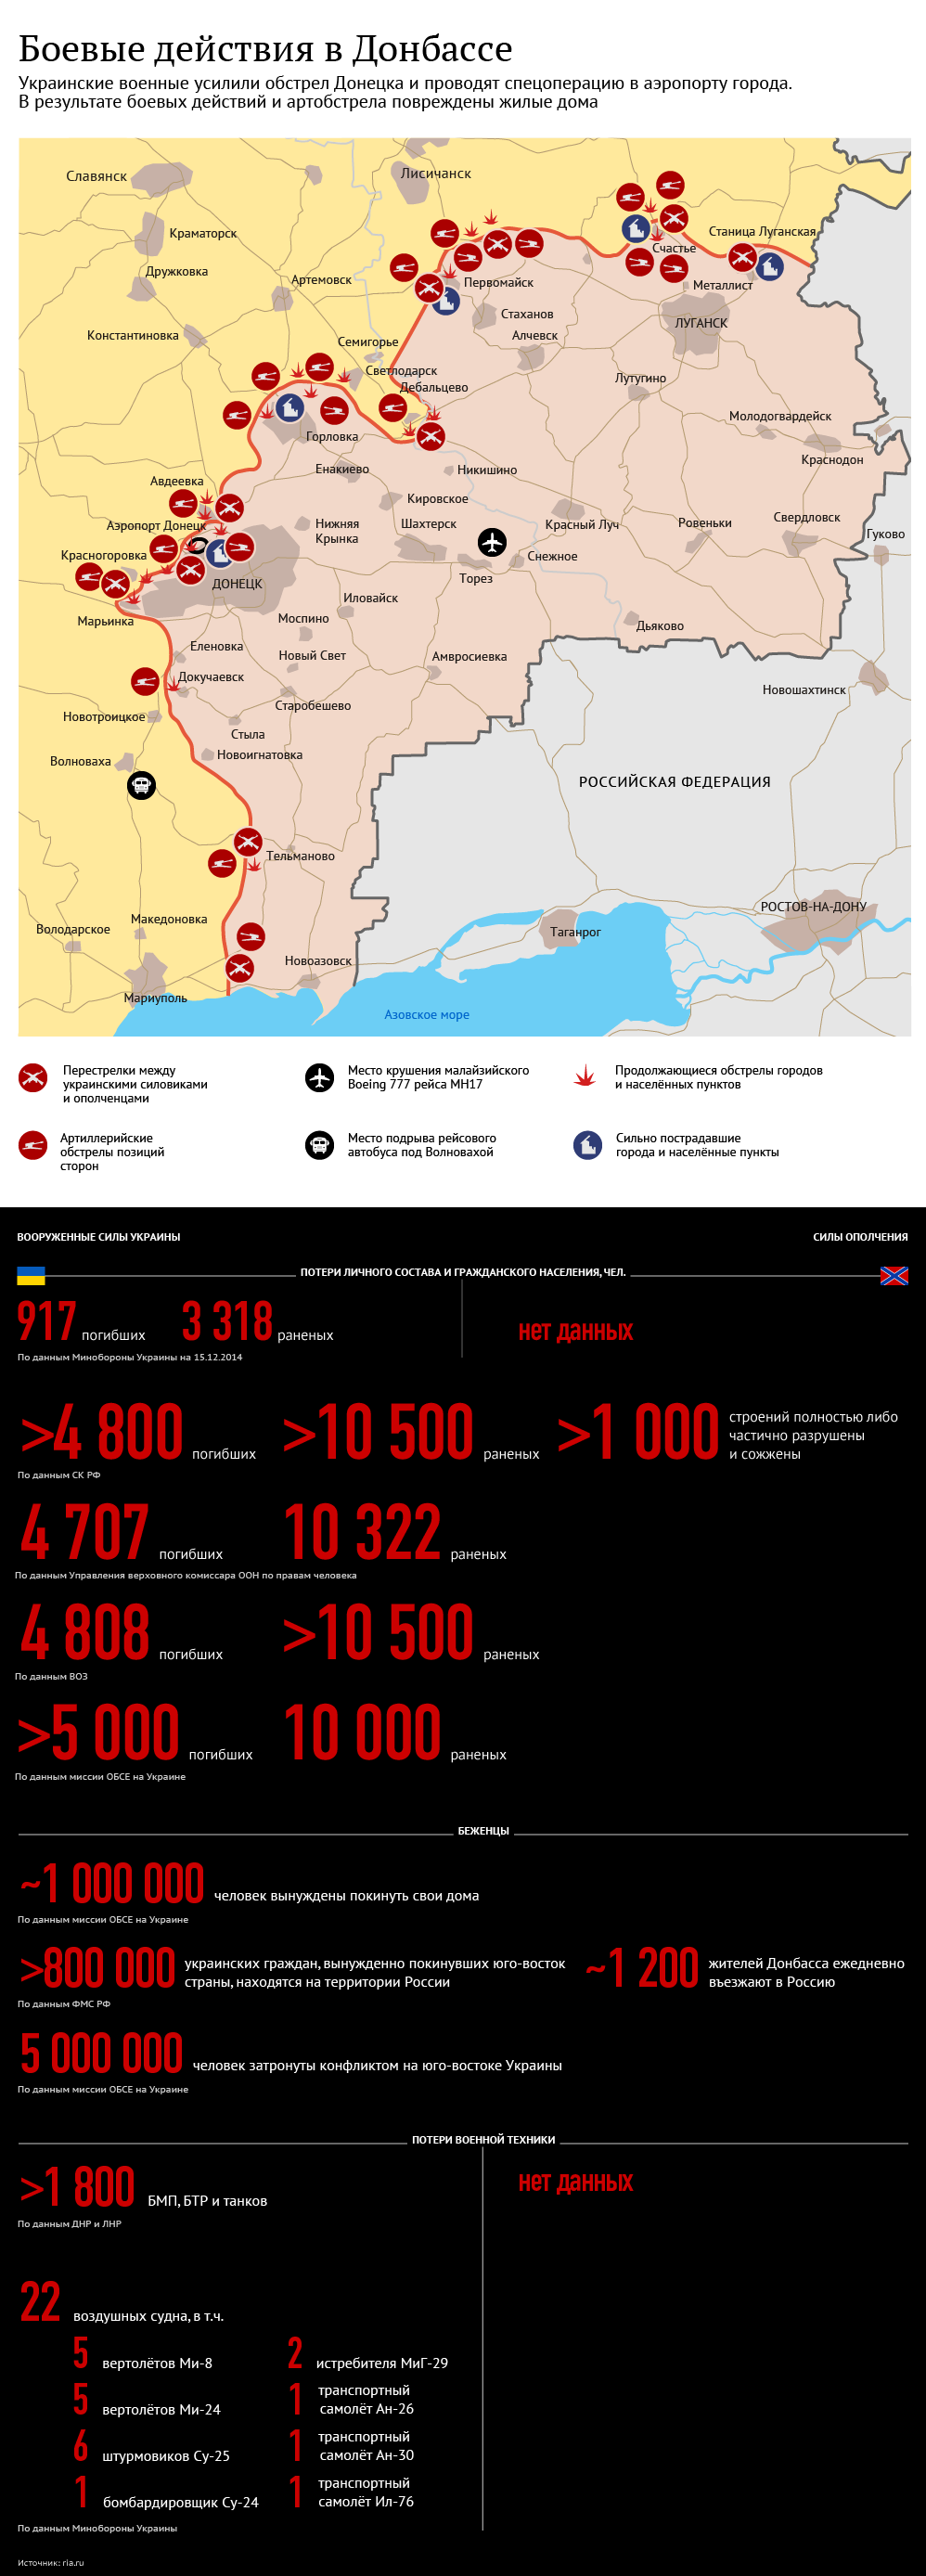 Провокация в Мариуполе нужна Киеву для смены формата диалога